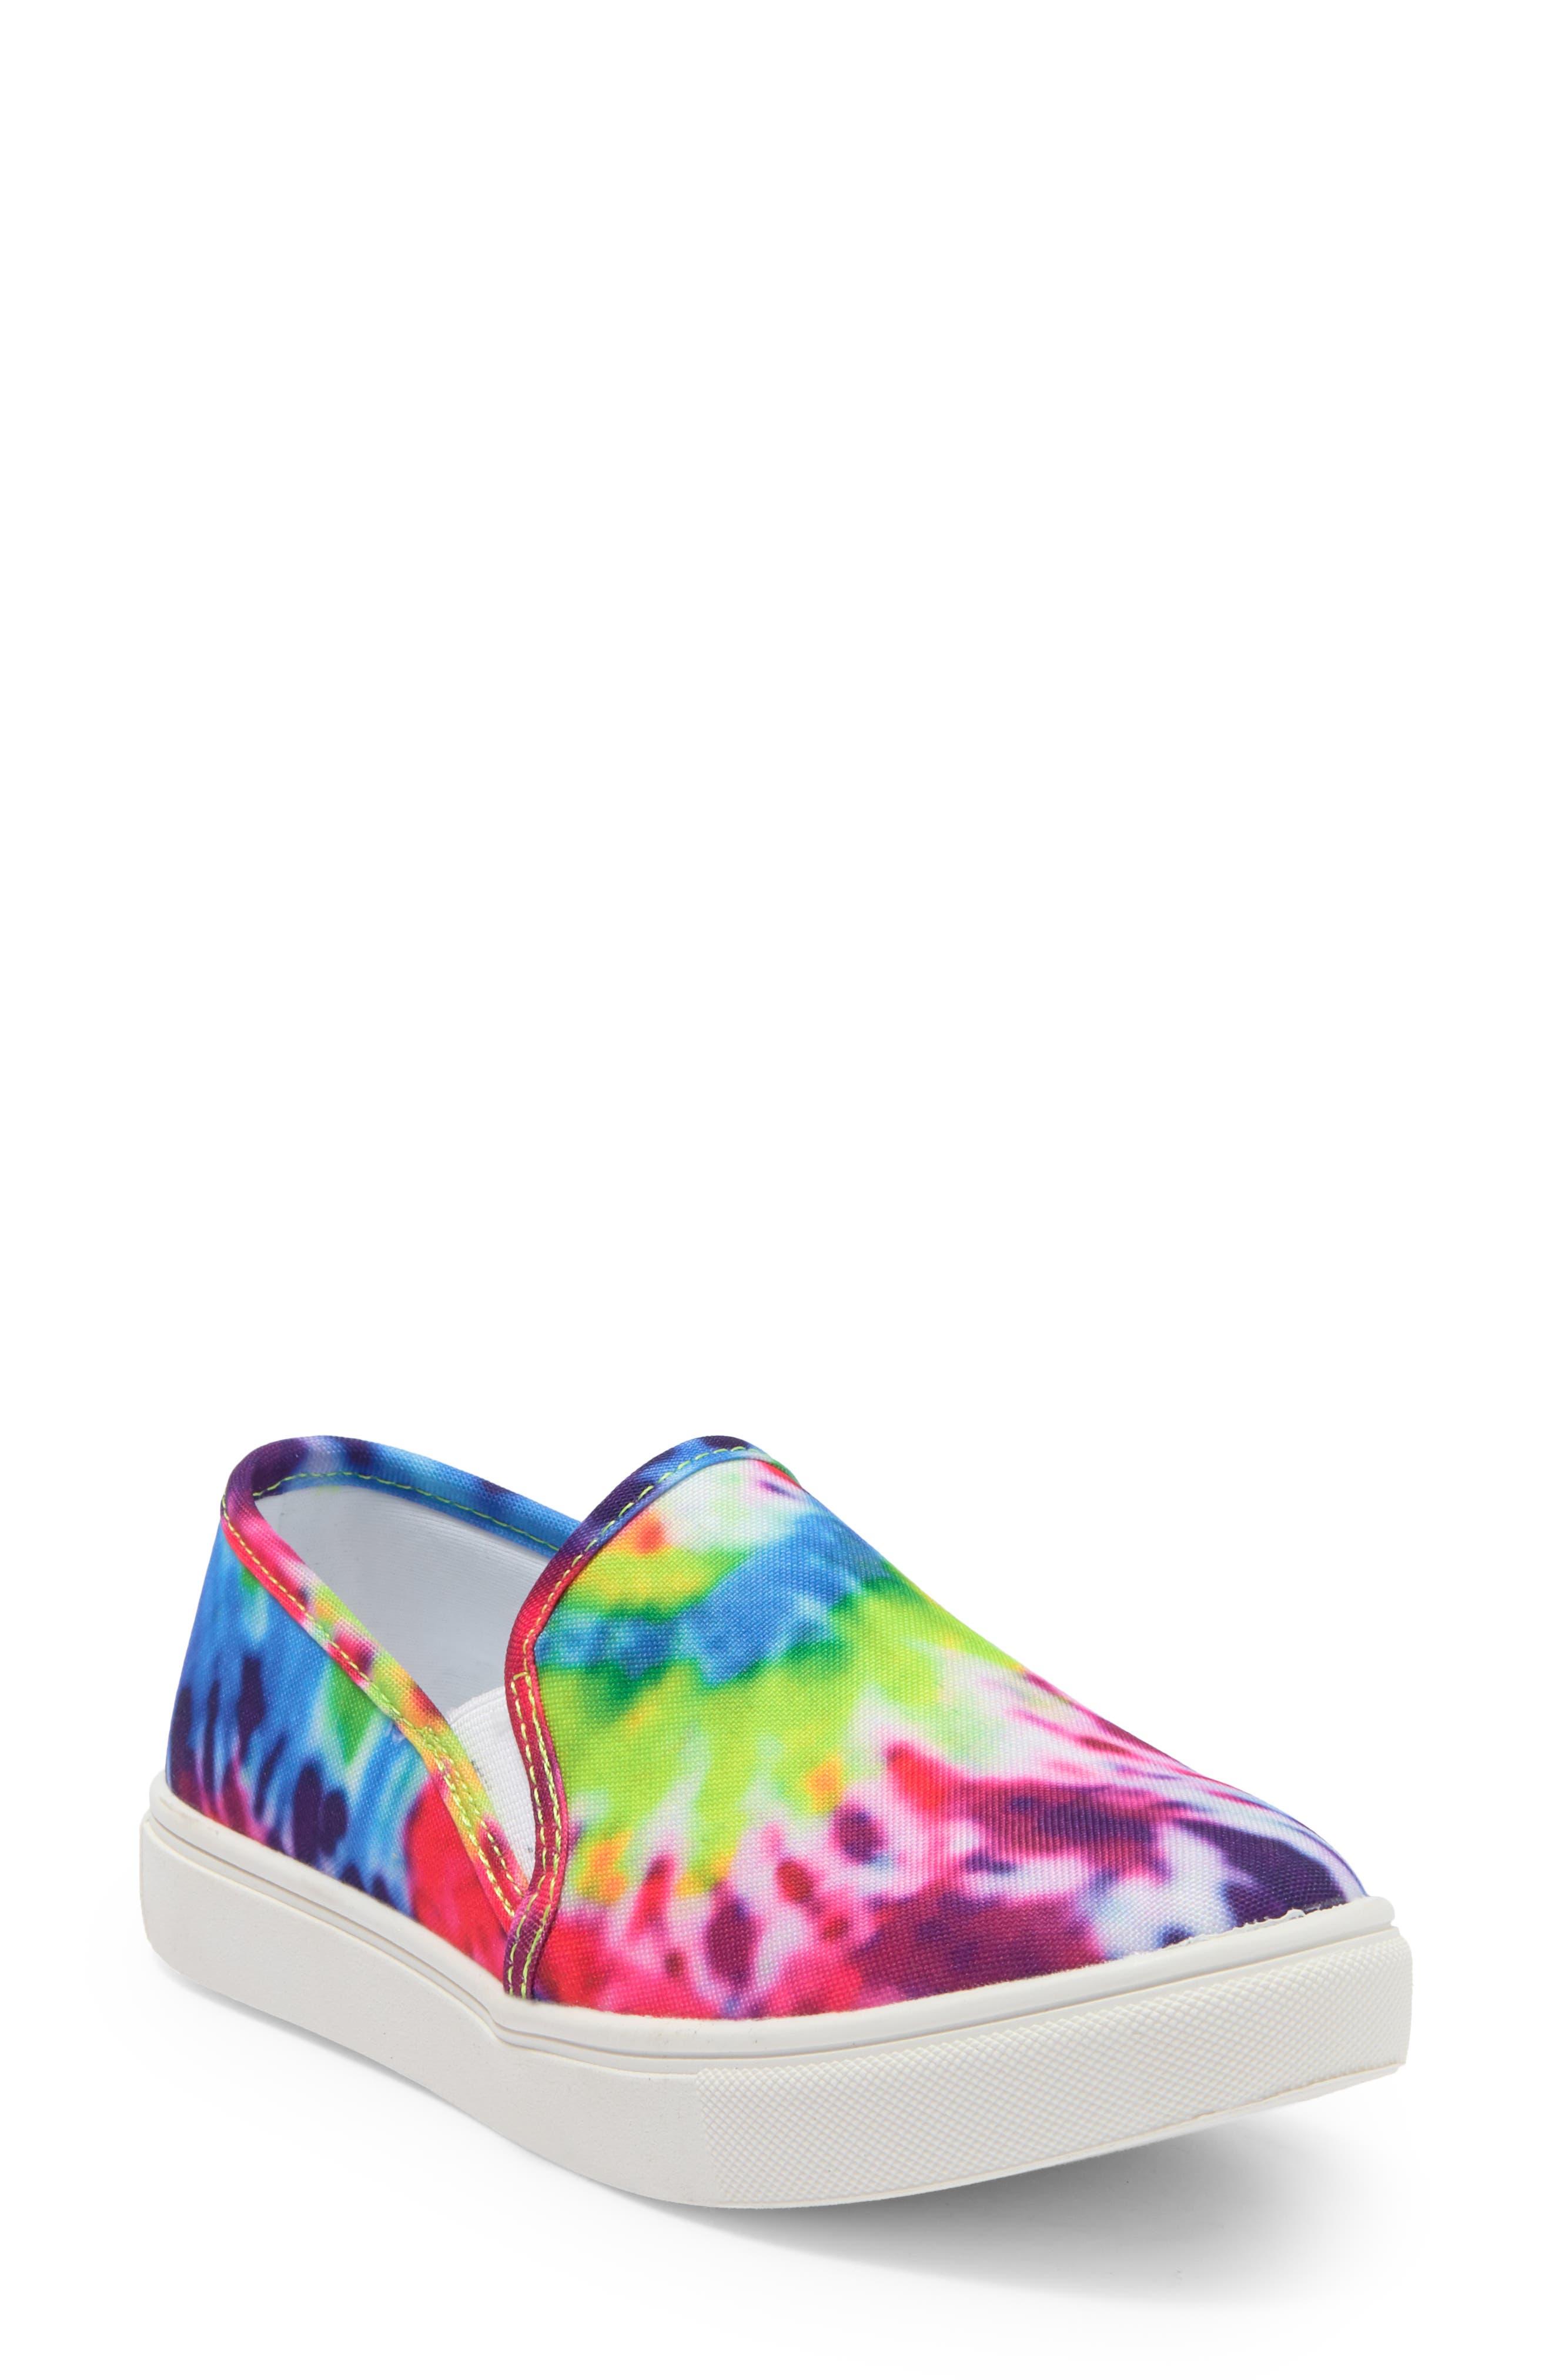 Image of Steve Madden Exit Glitter Slip-On Sneaker